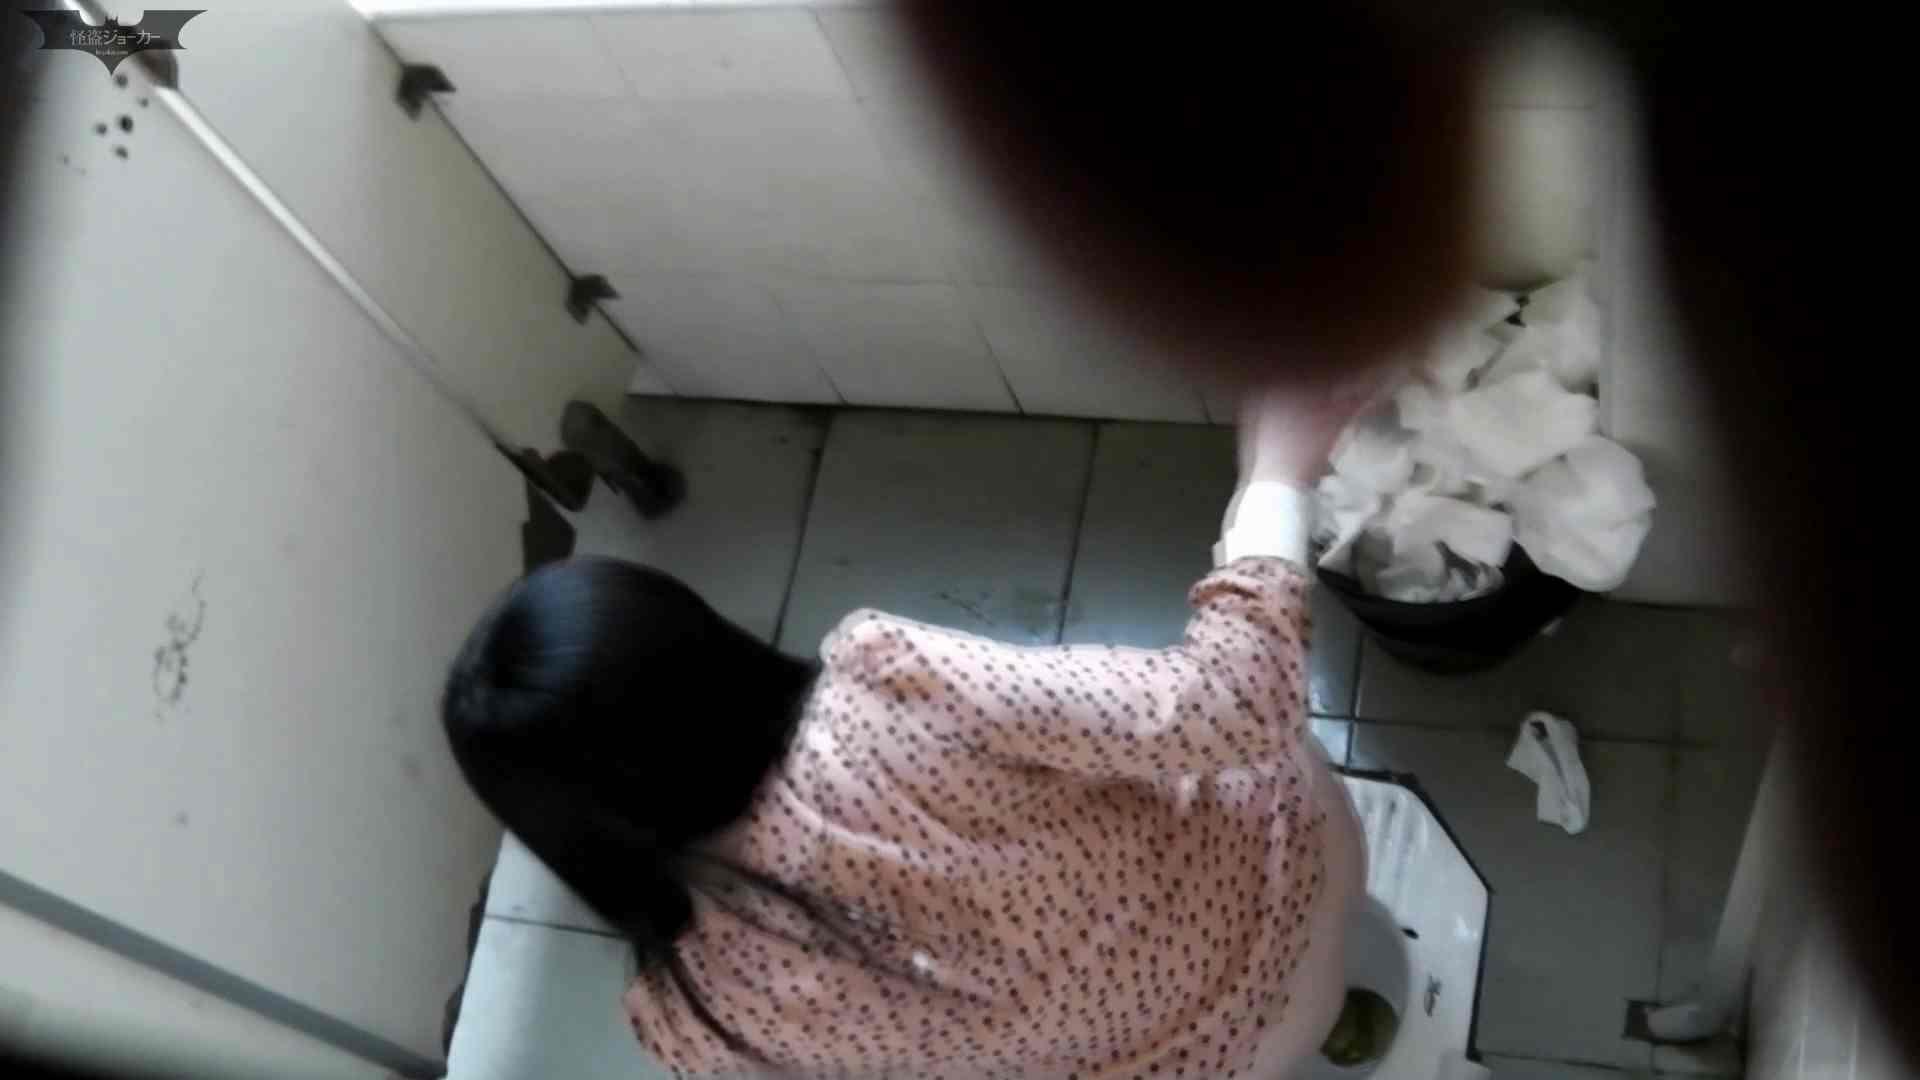 ステーション編 vol.26 壁を乗り越えたら絶景が待っていた!! 洗面所 オマンコ動画キャプチャ 100画像 46